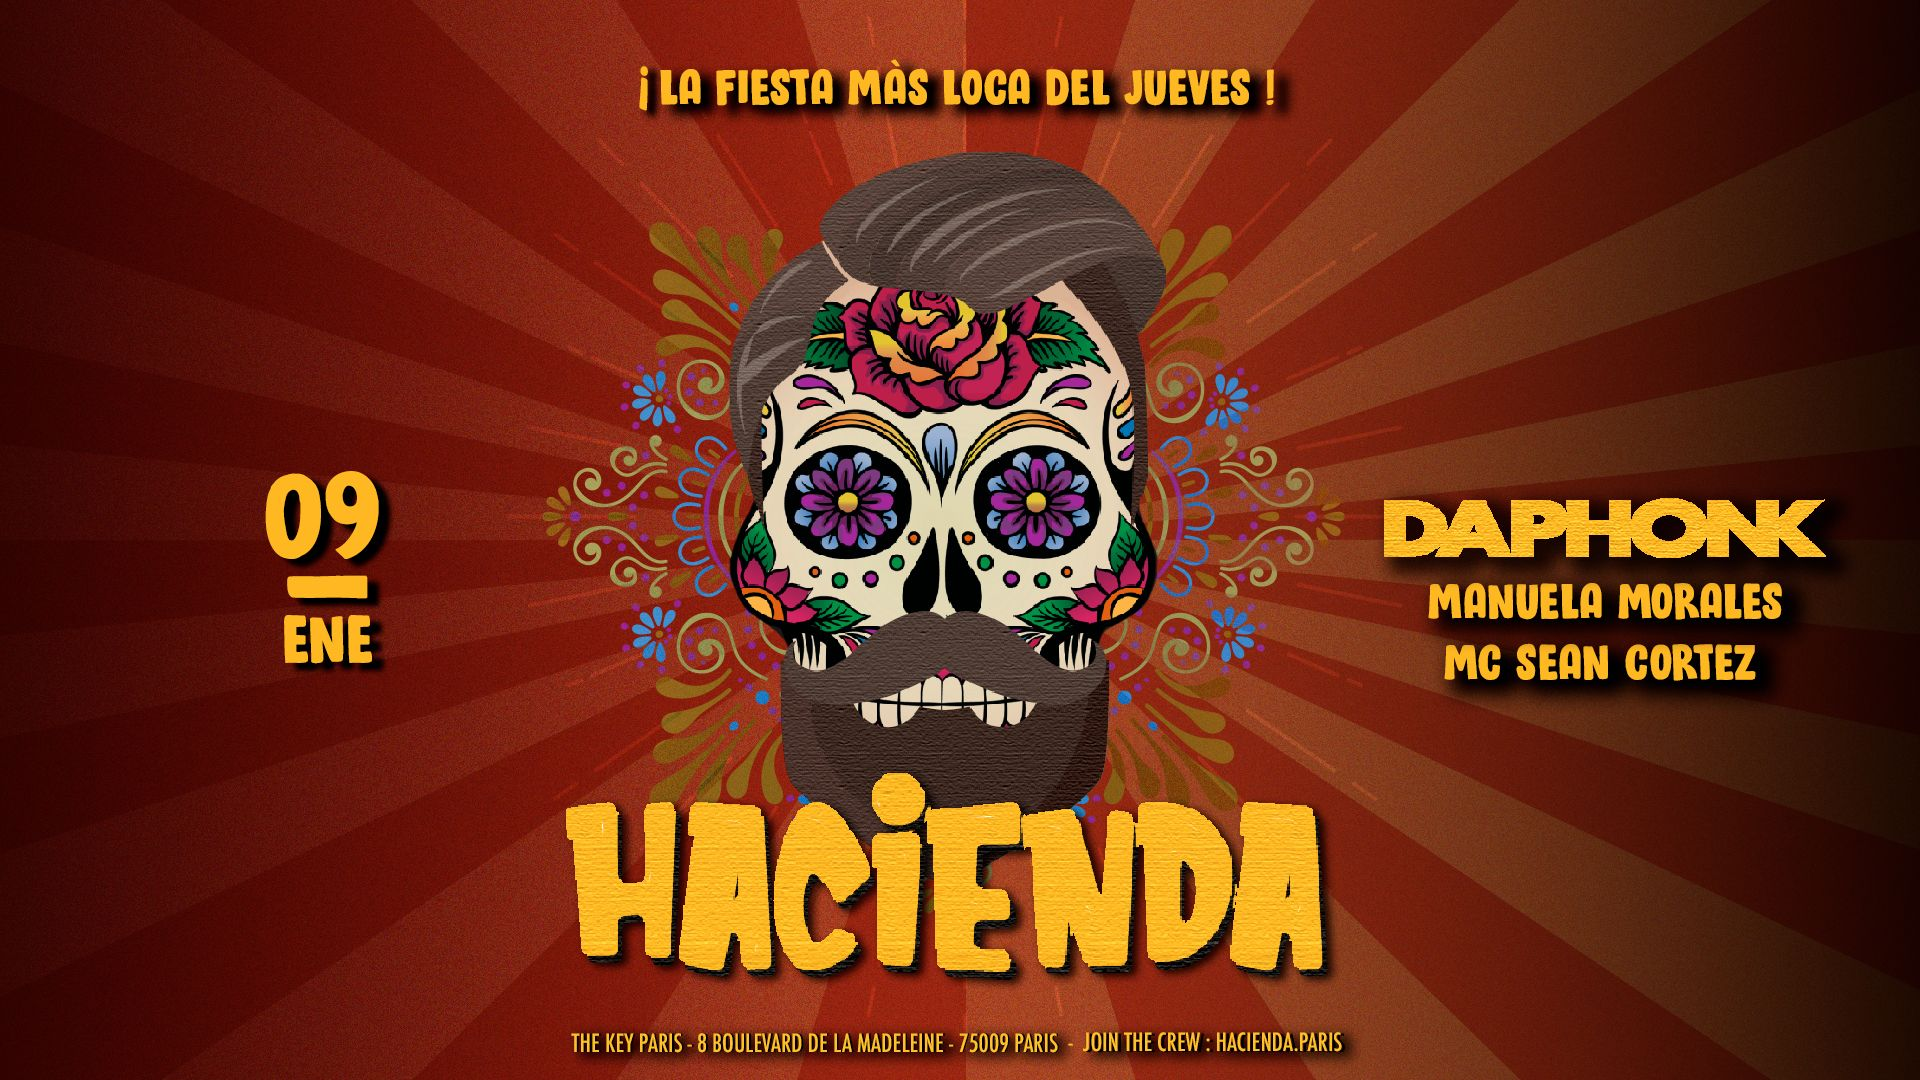 Hacienda : Da Phonk (Special Guest) ᚕ Jueves 9 de Enero